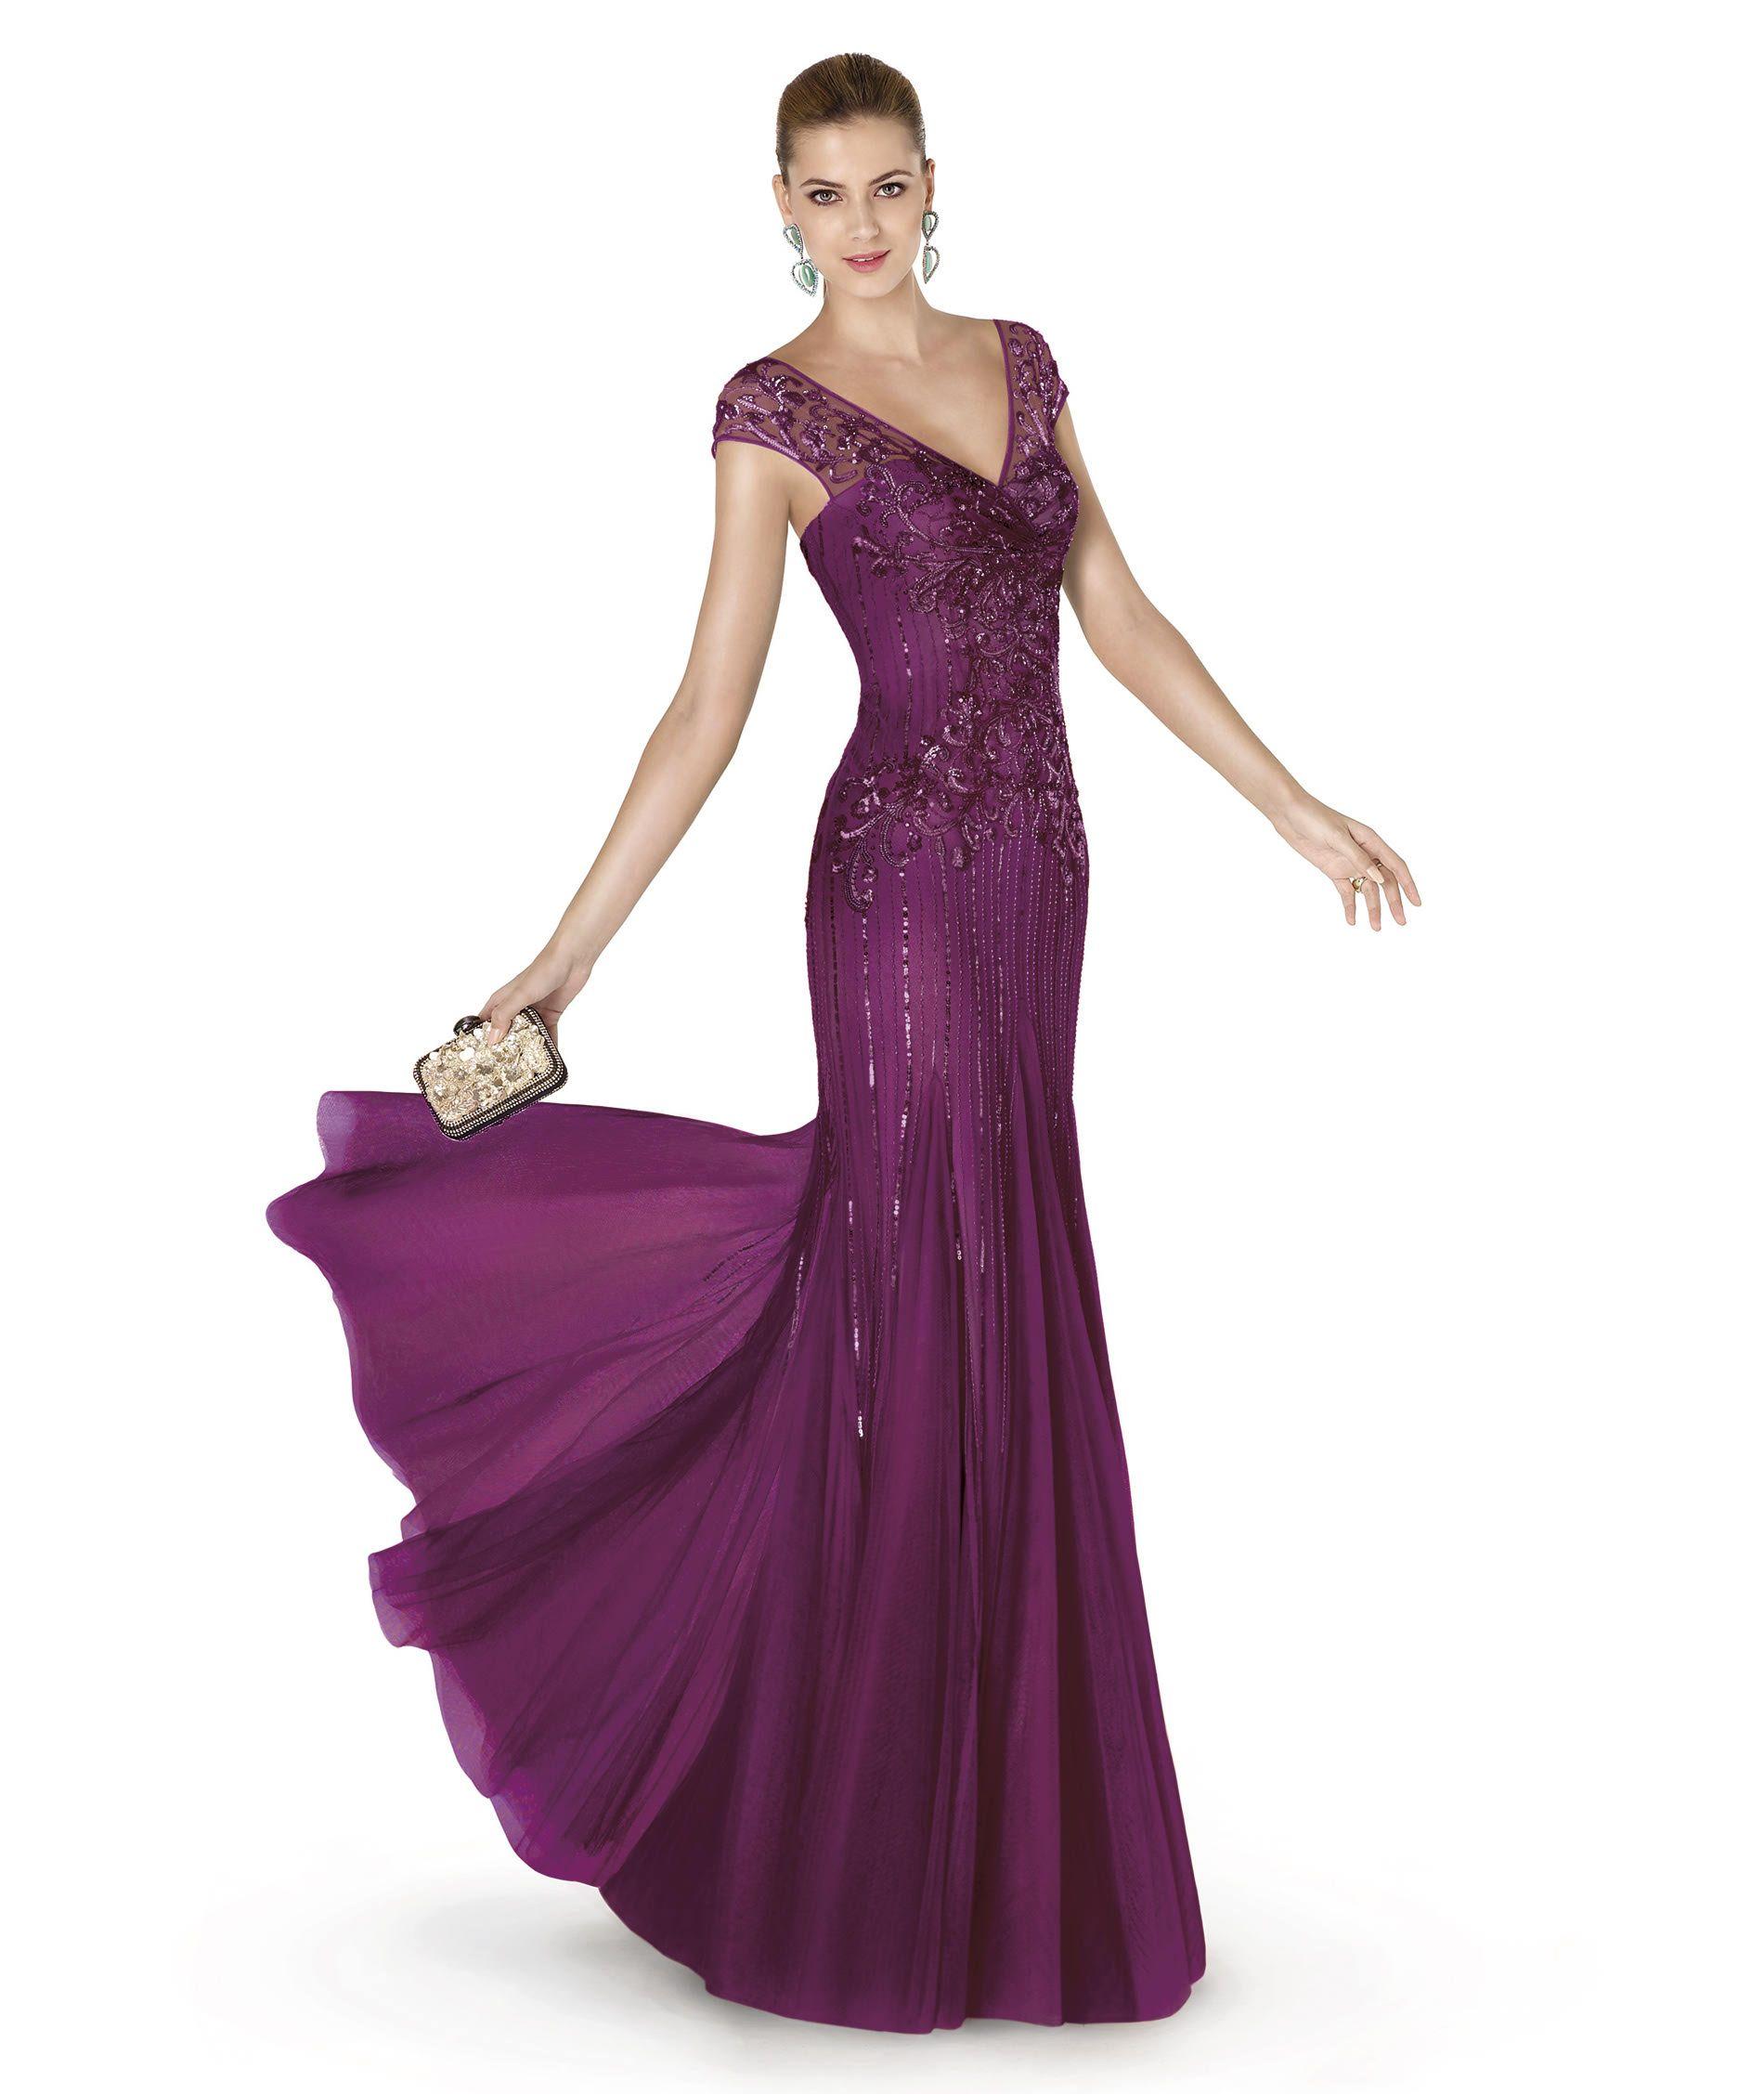 Pronovias apresenta o vestido de festa ABADESA da coleção 2015 ...